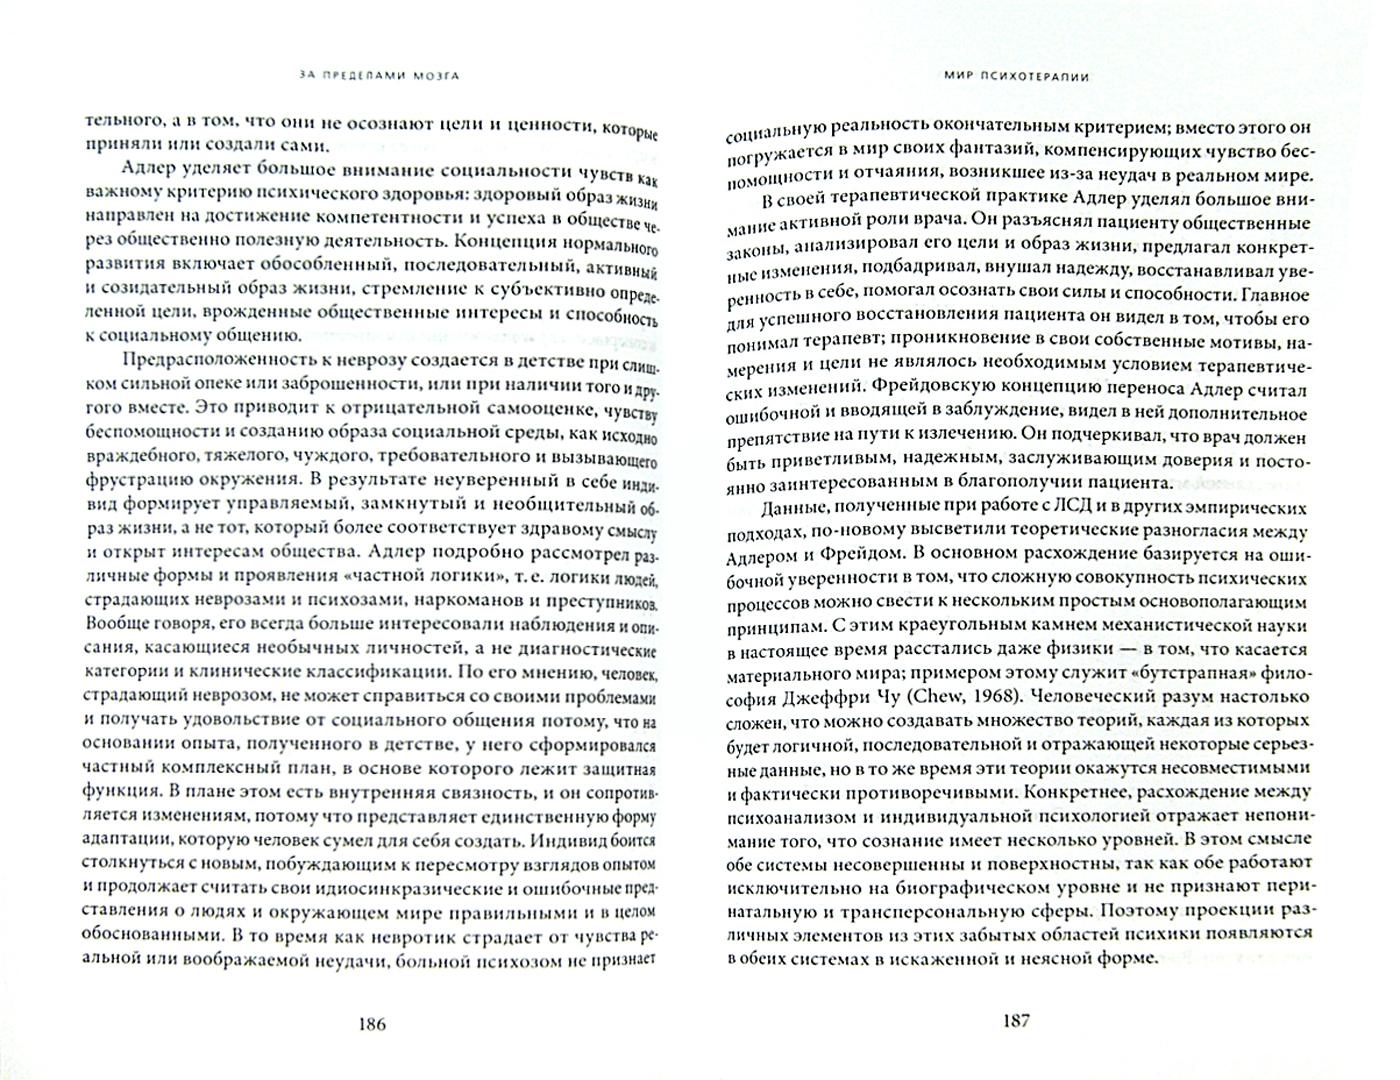 Иллюстрация 1 из 28 для За пределами мозга. Рождение, смерть и трансценденция в психотерапии - Станислав Гроф | Лабиринт - книги. Источник: Лабиринт